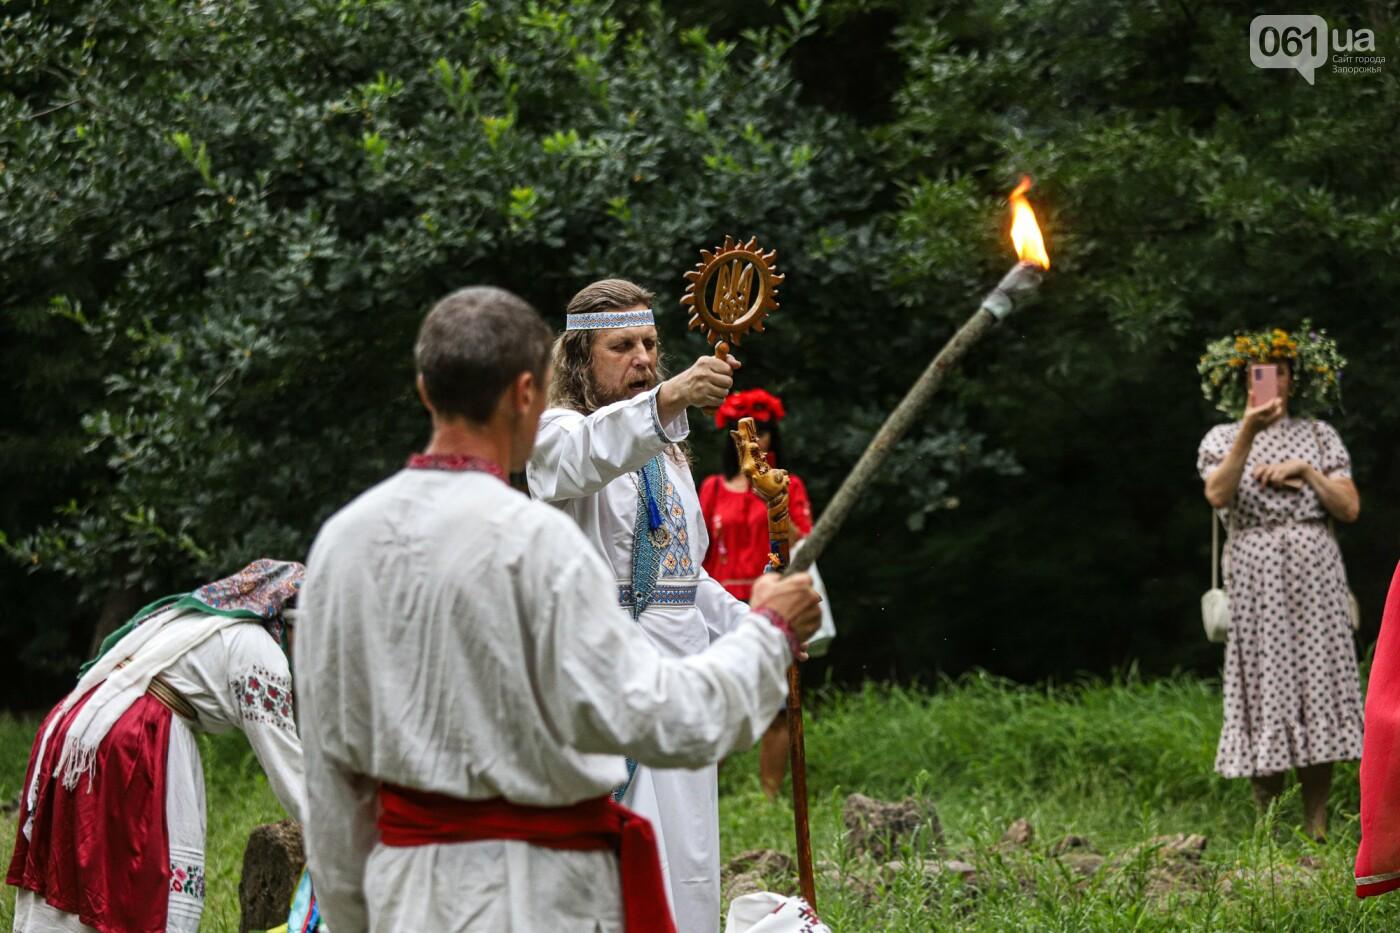 Огонь и дубовые венки: как на Хортице отметили праздник Перуна, - ФОТОРЕПОРТАЖ, фото-22